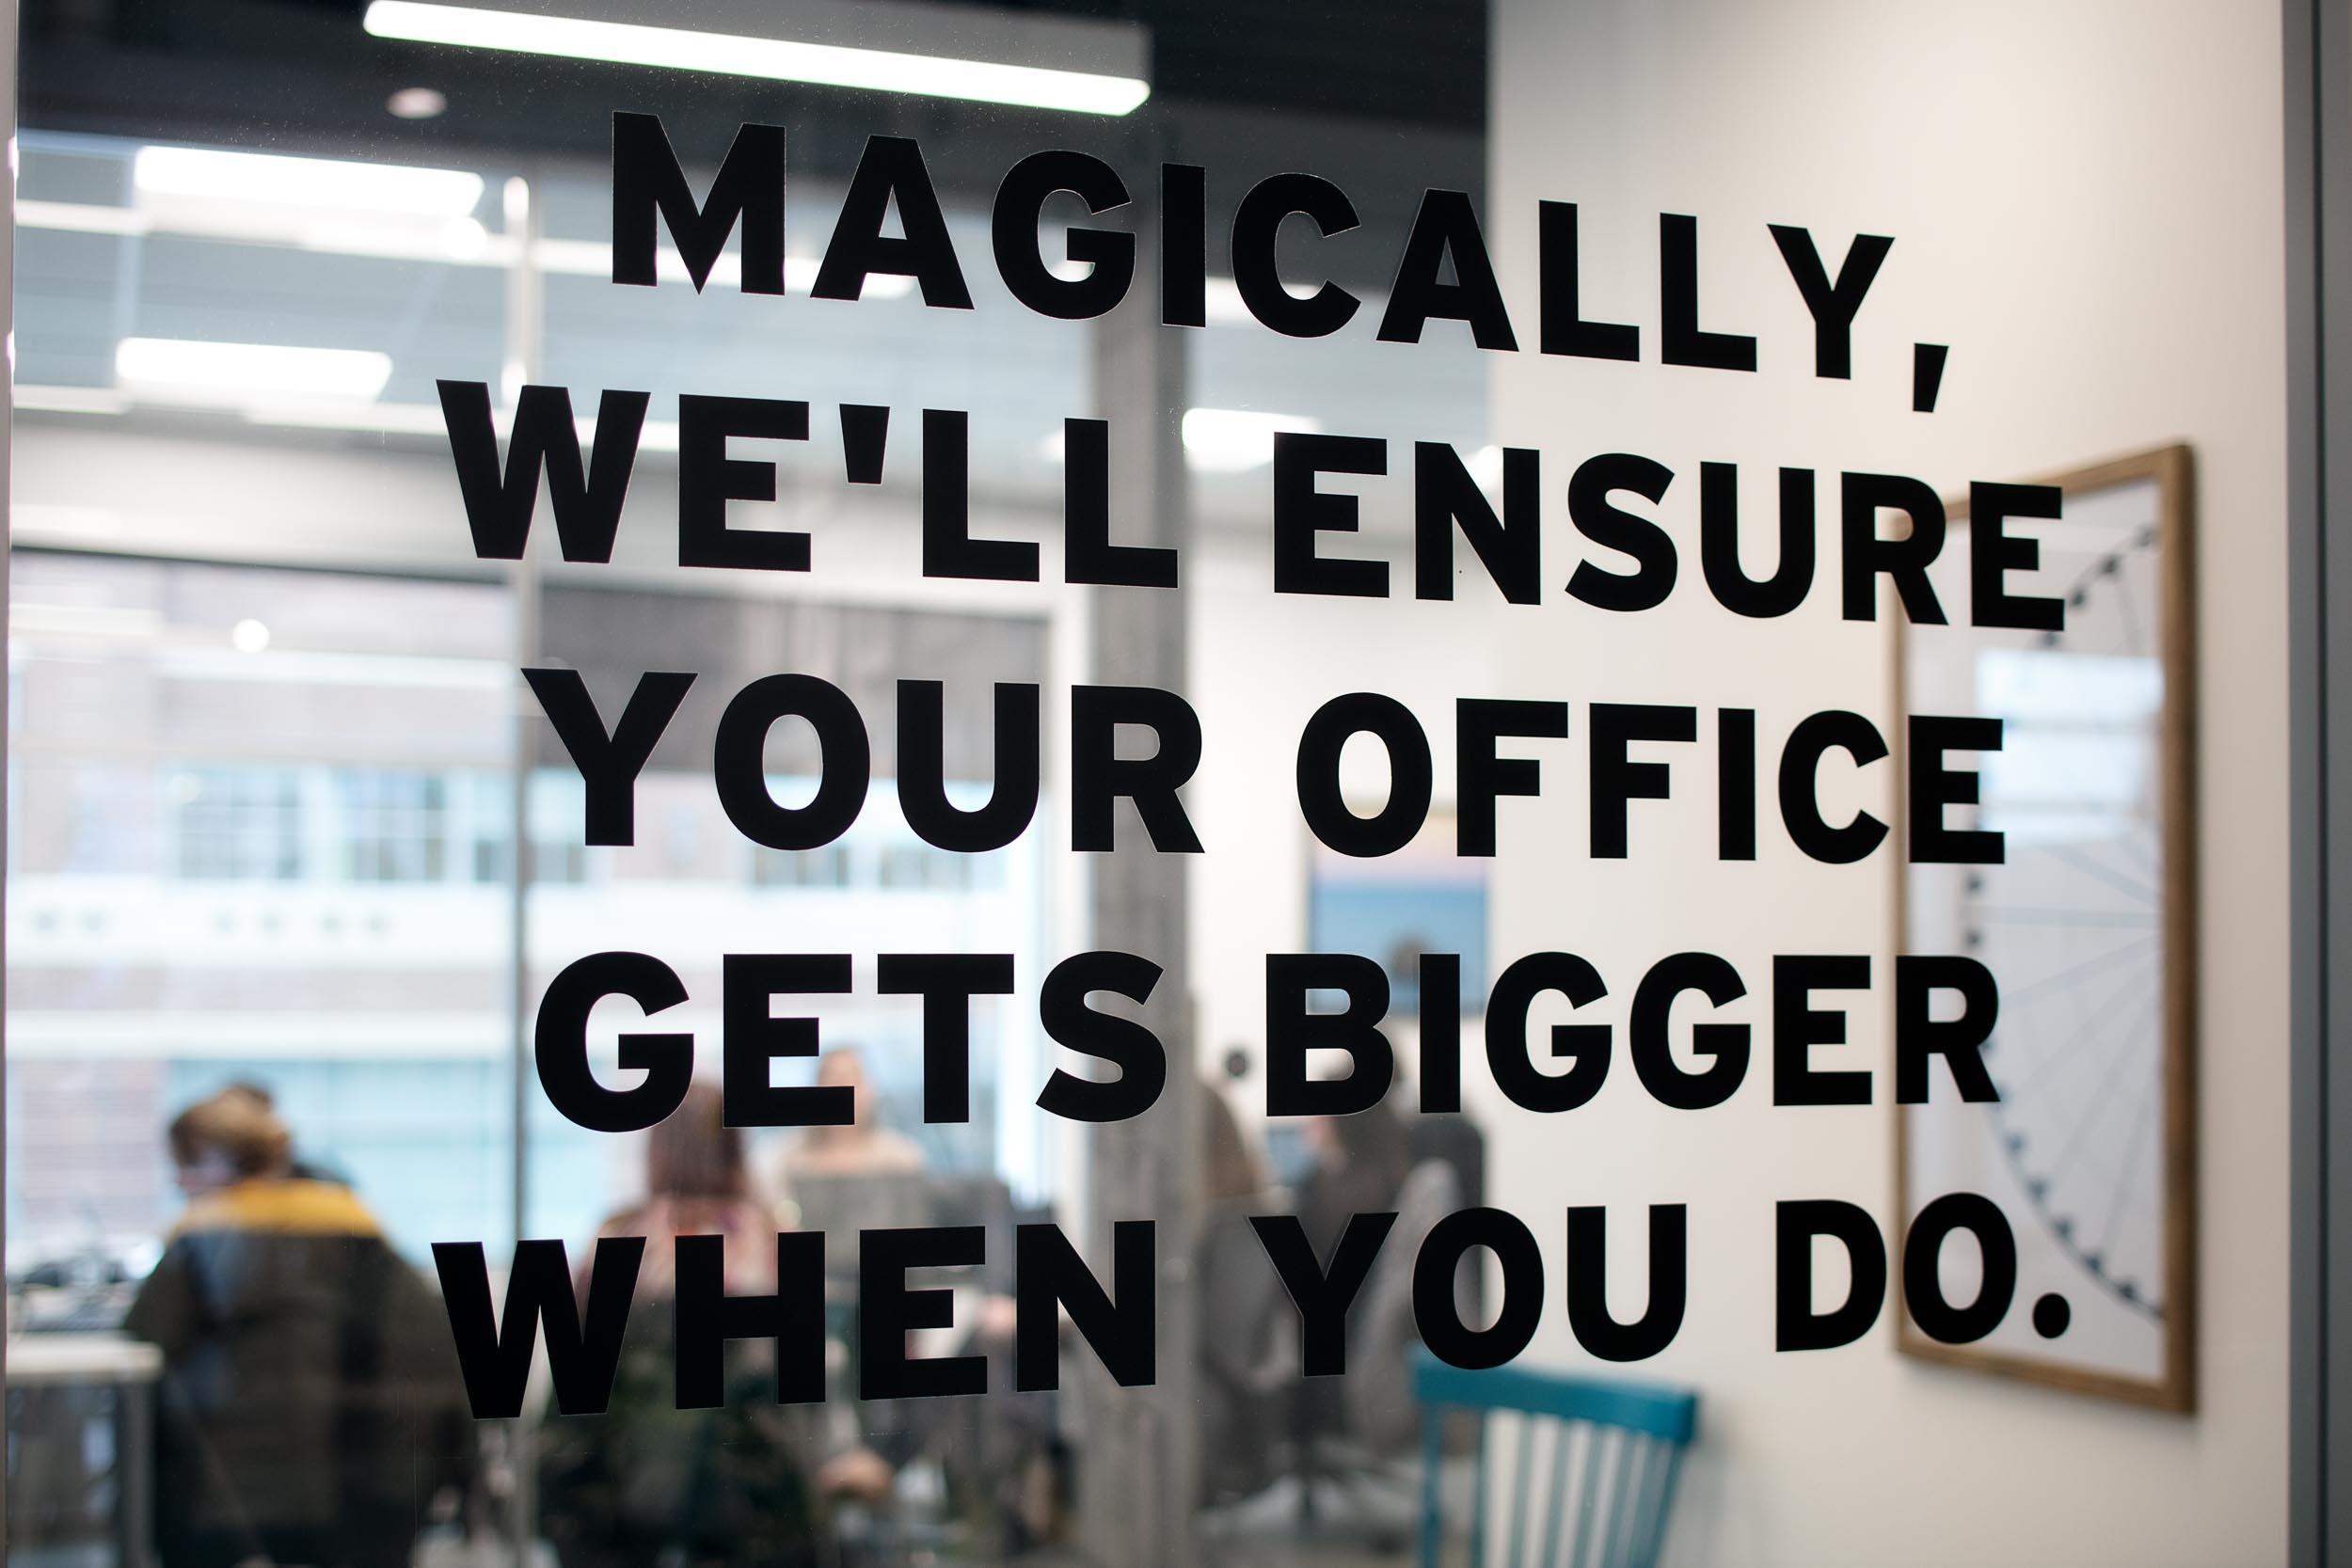 regus_spaces_office_workplace_coworking-14.jpg